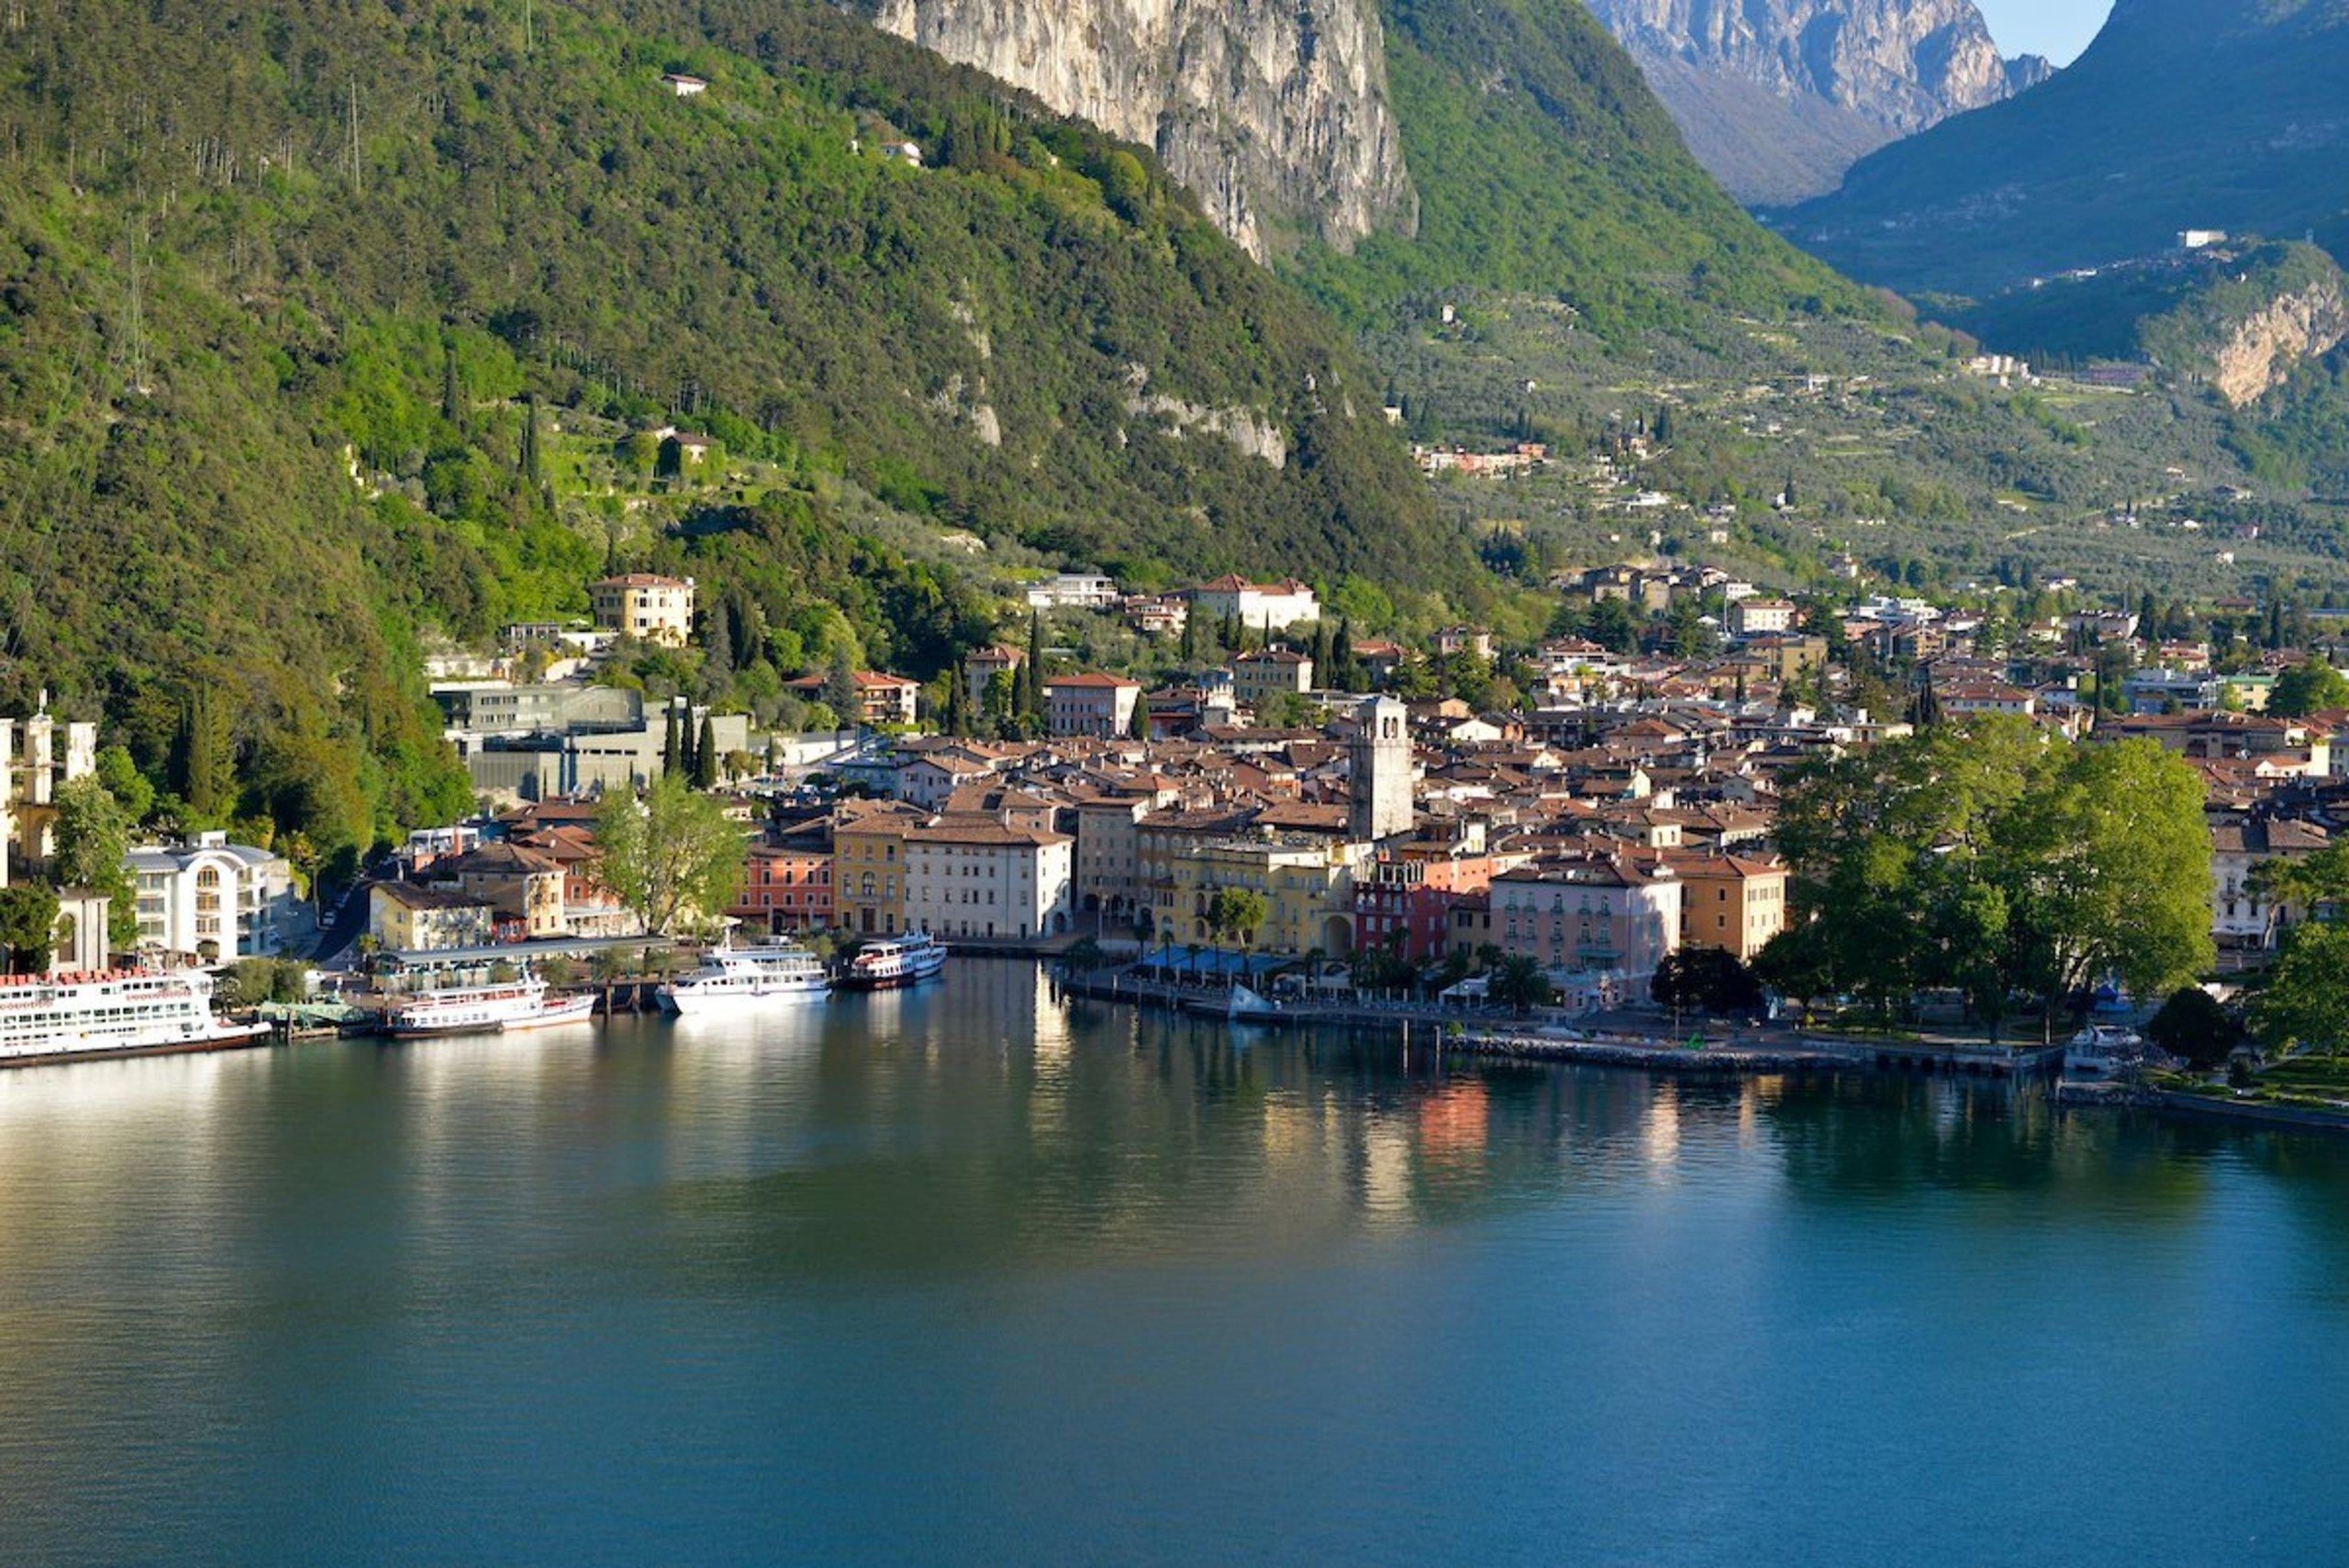 Riva Del Garda Matkailu 2020 Nae Ja Koe Riva Del Gardassa